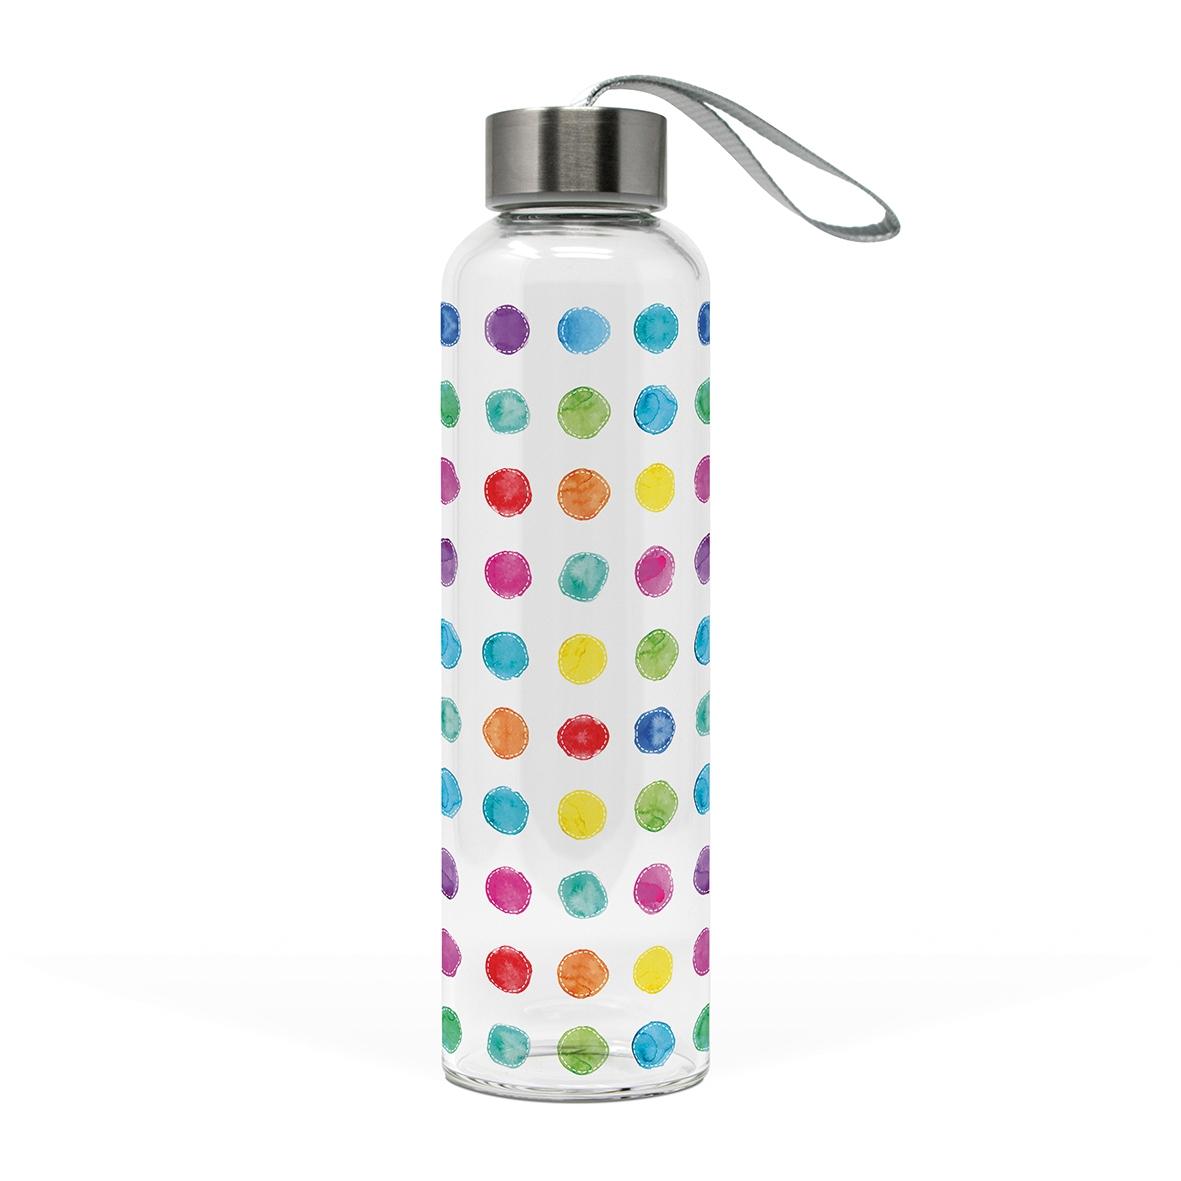 Glasflasche - Aquarellpunkte